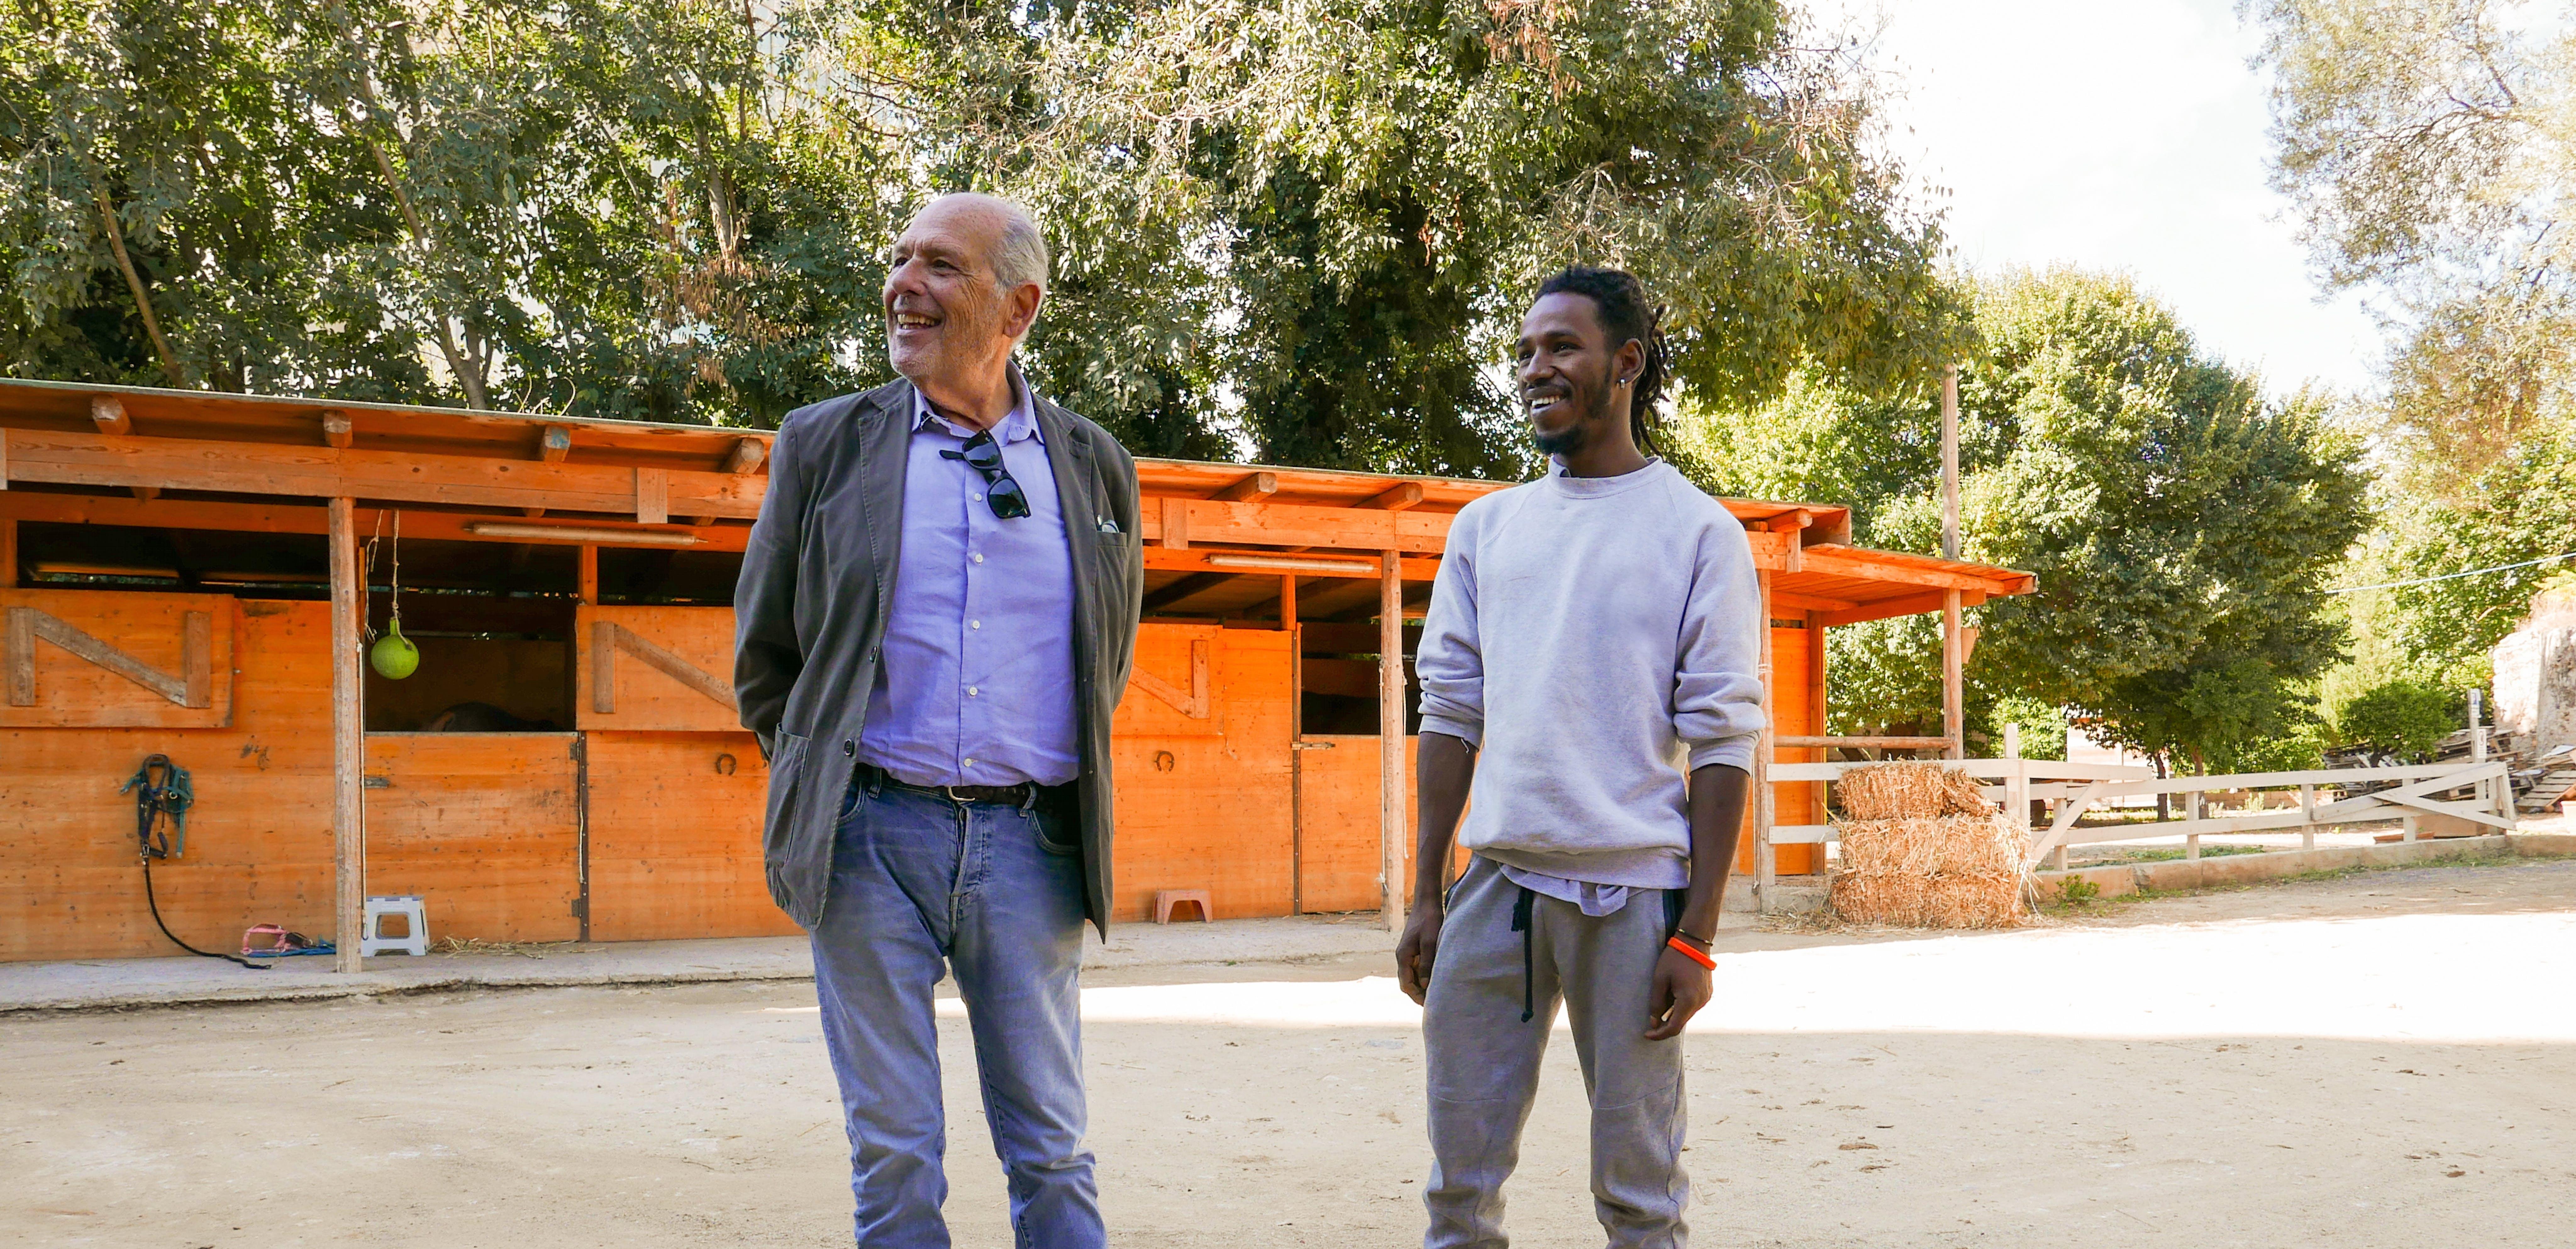 Madou, 20 anni, nel maneggio in cui ha trovato lavoro grazie al suo mentore Francesco